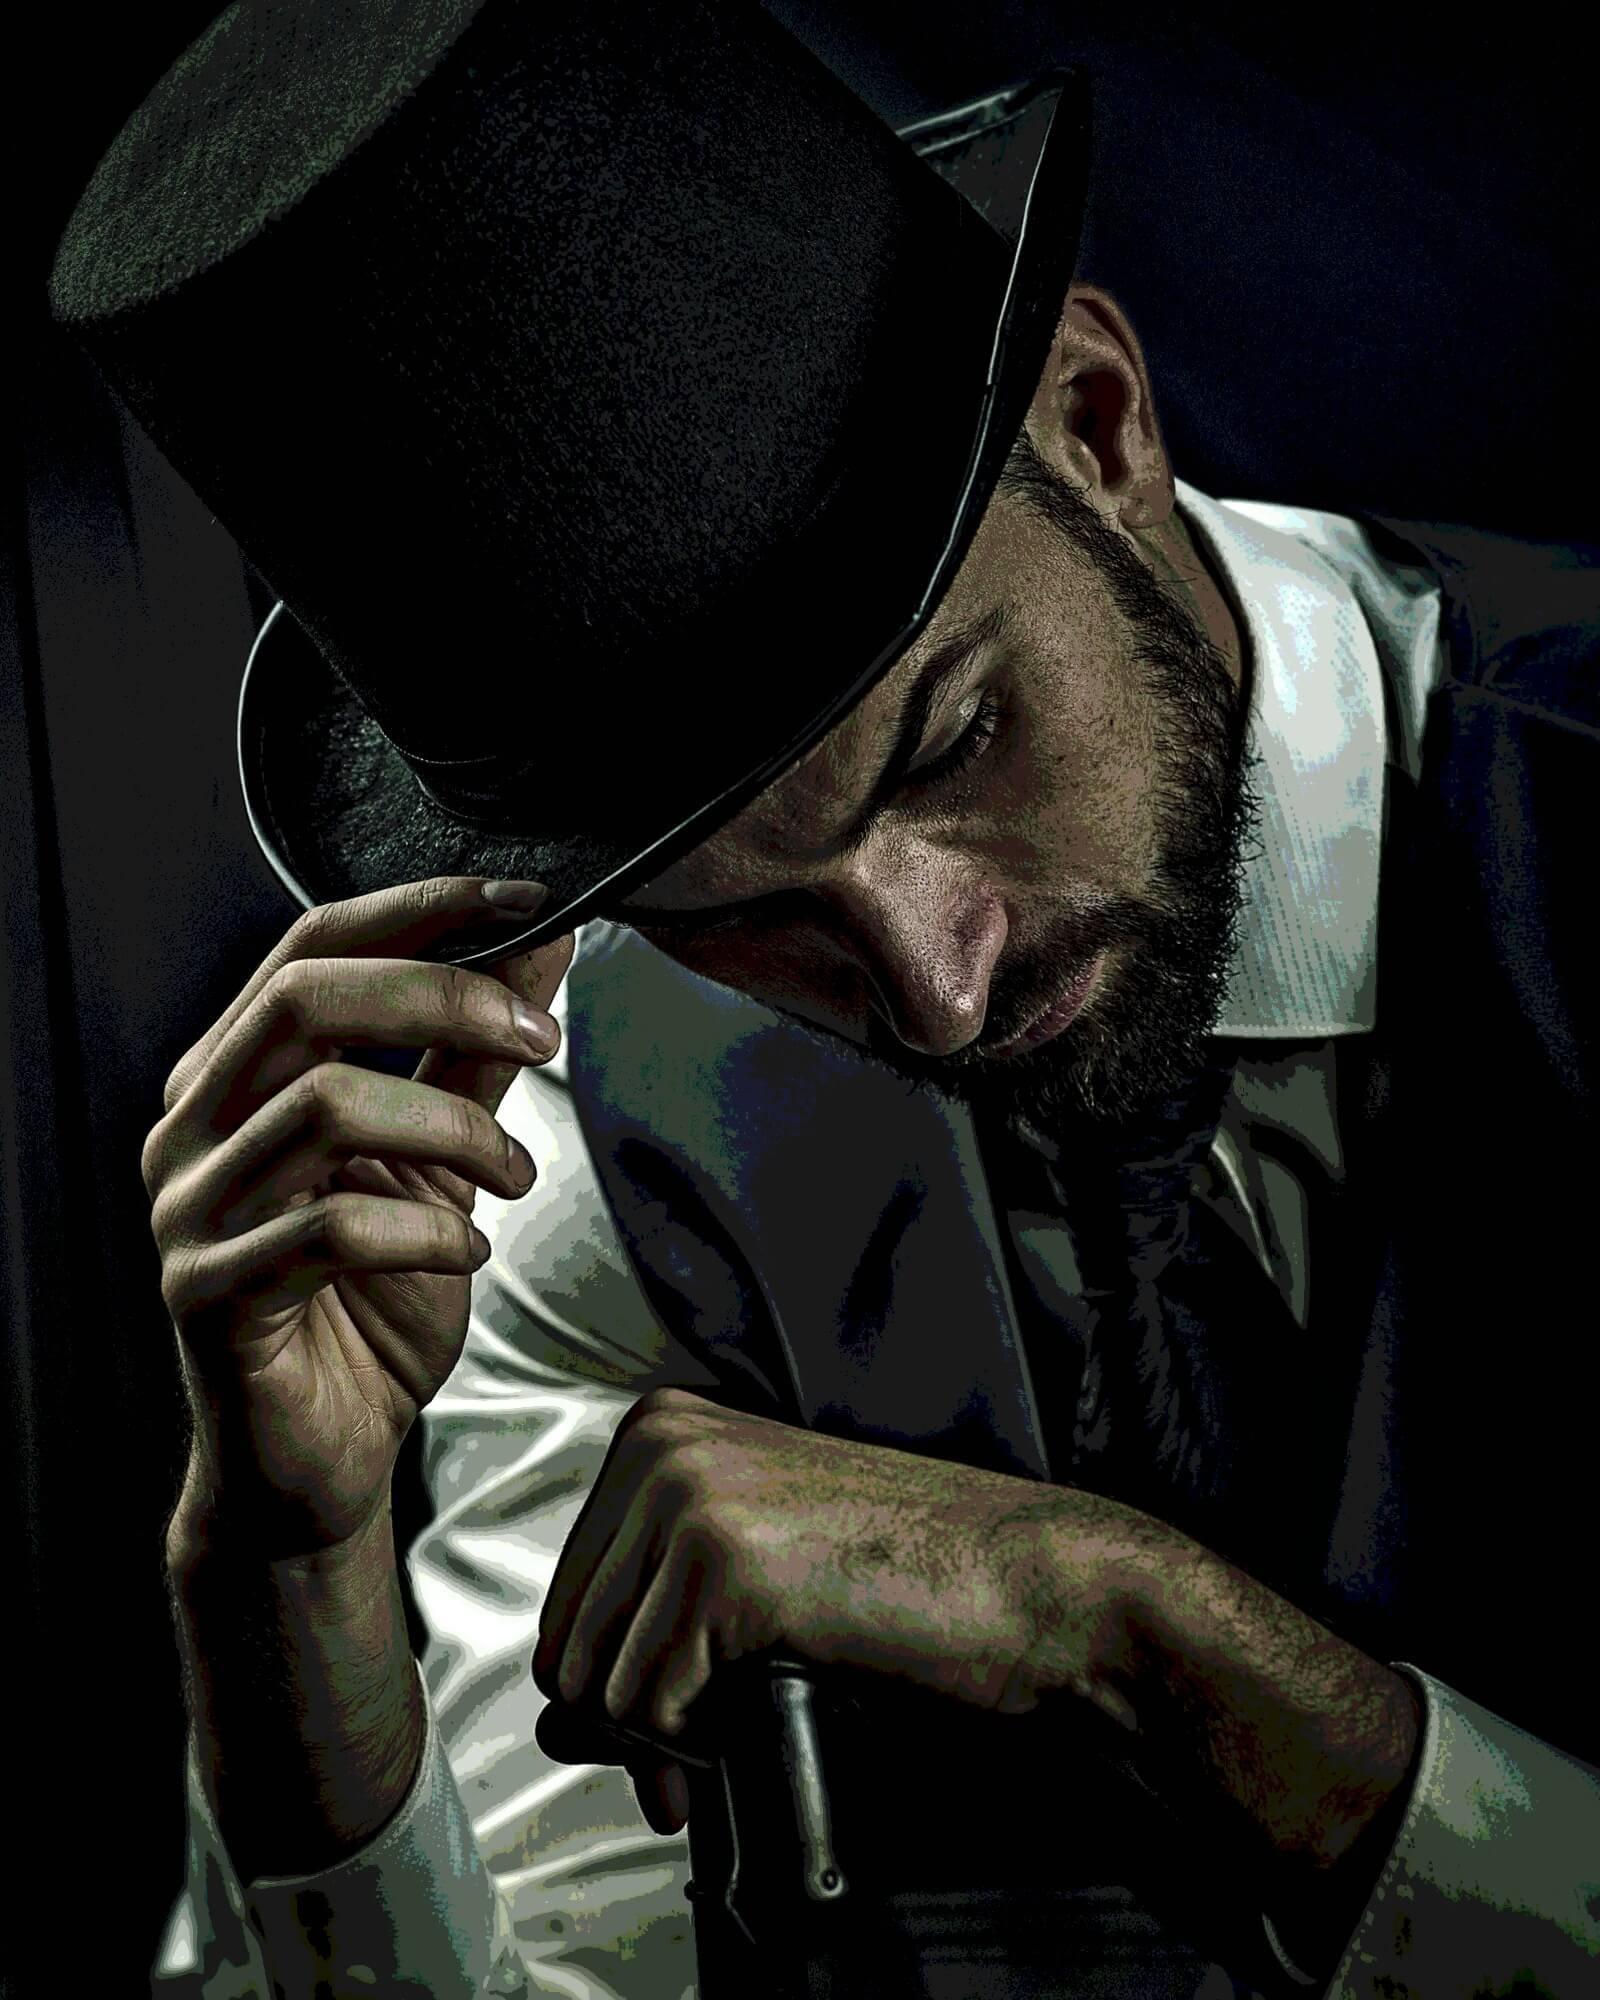 Это твои проблемы, не выдумывай, я устал и еще 17 фраз, которые женщина никогда не услышит от нормального мужчины, фото | Психологика | psiho-logika.com